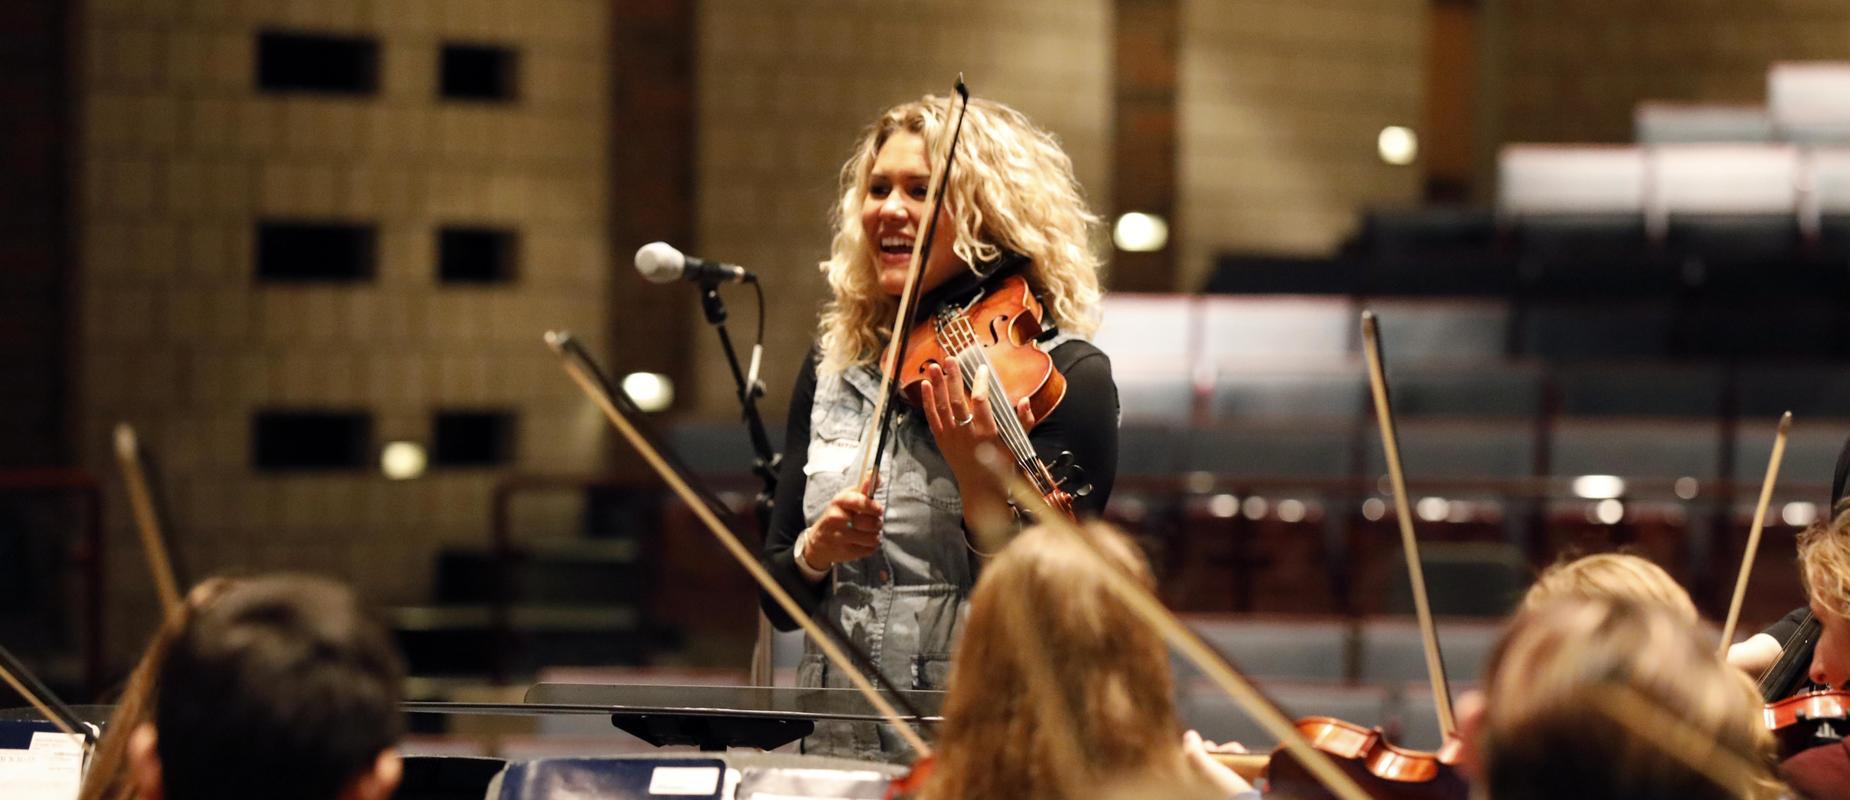 orchestra teacher smiles in auditorium teaching violinists